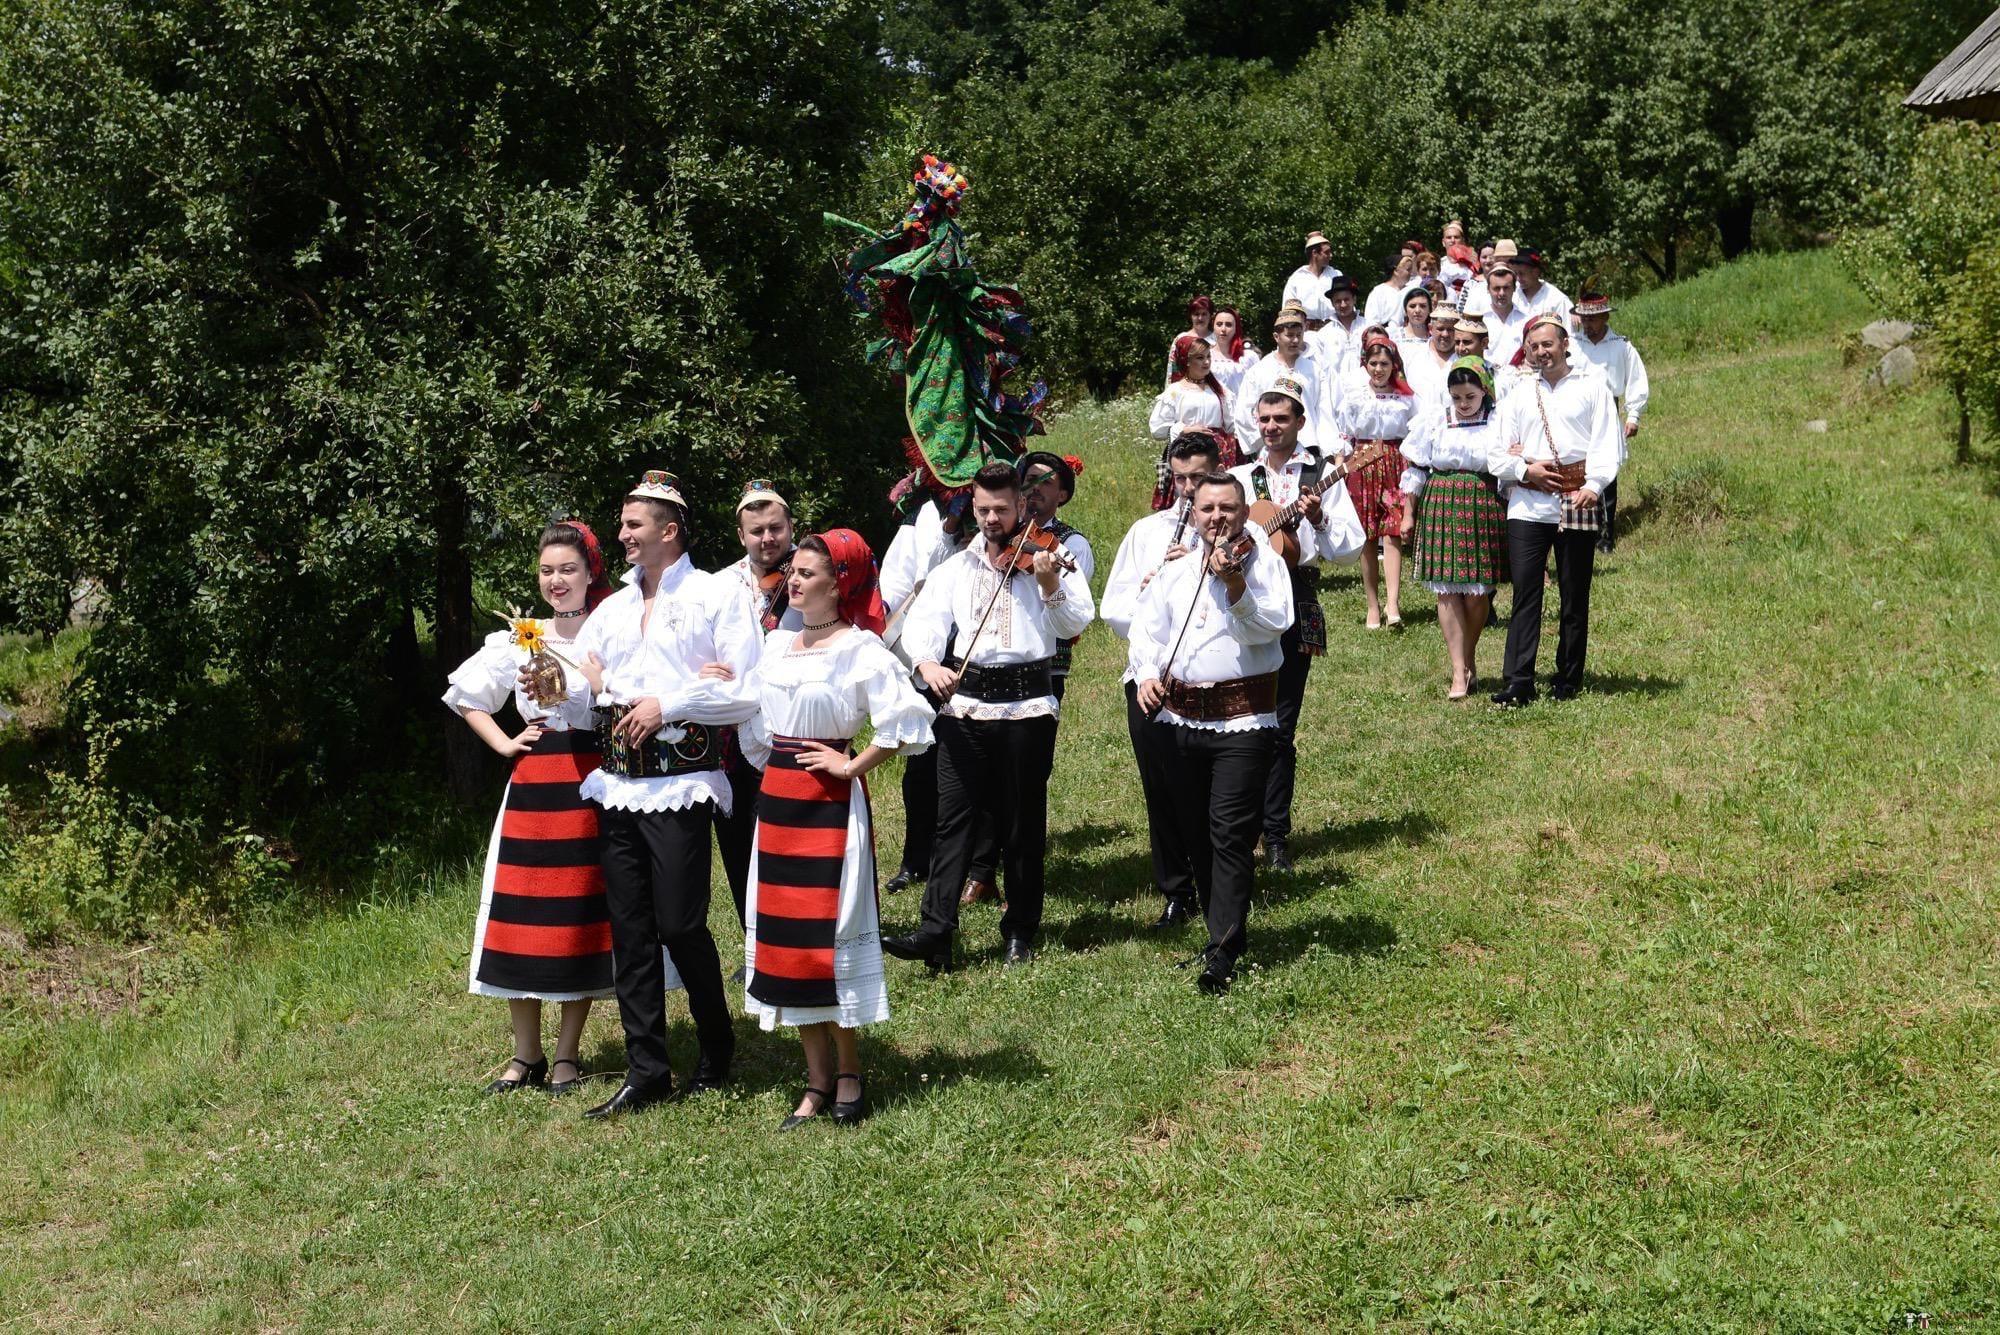 Povești Nunți Tradiționale - Florentina Vlad și Lemnean Ionuț. Cununie tradițională în Baia Mare 23